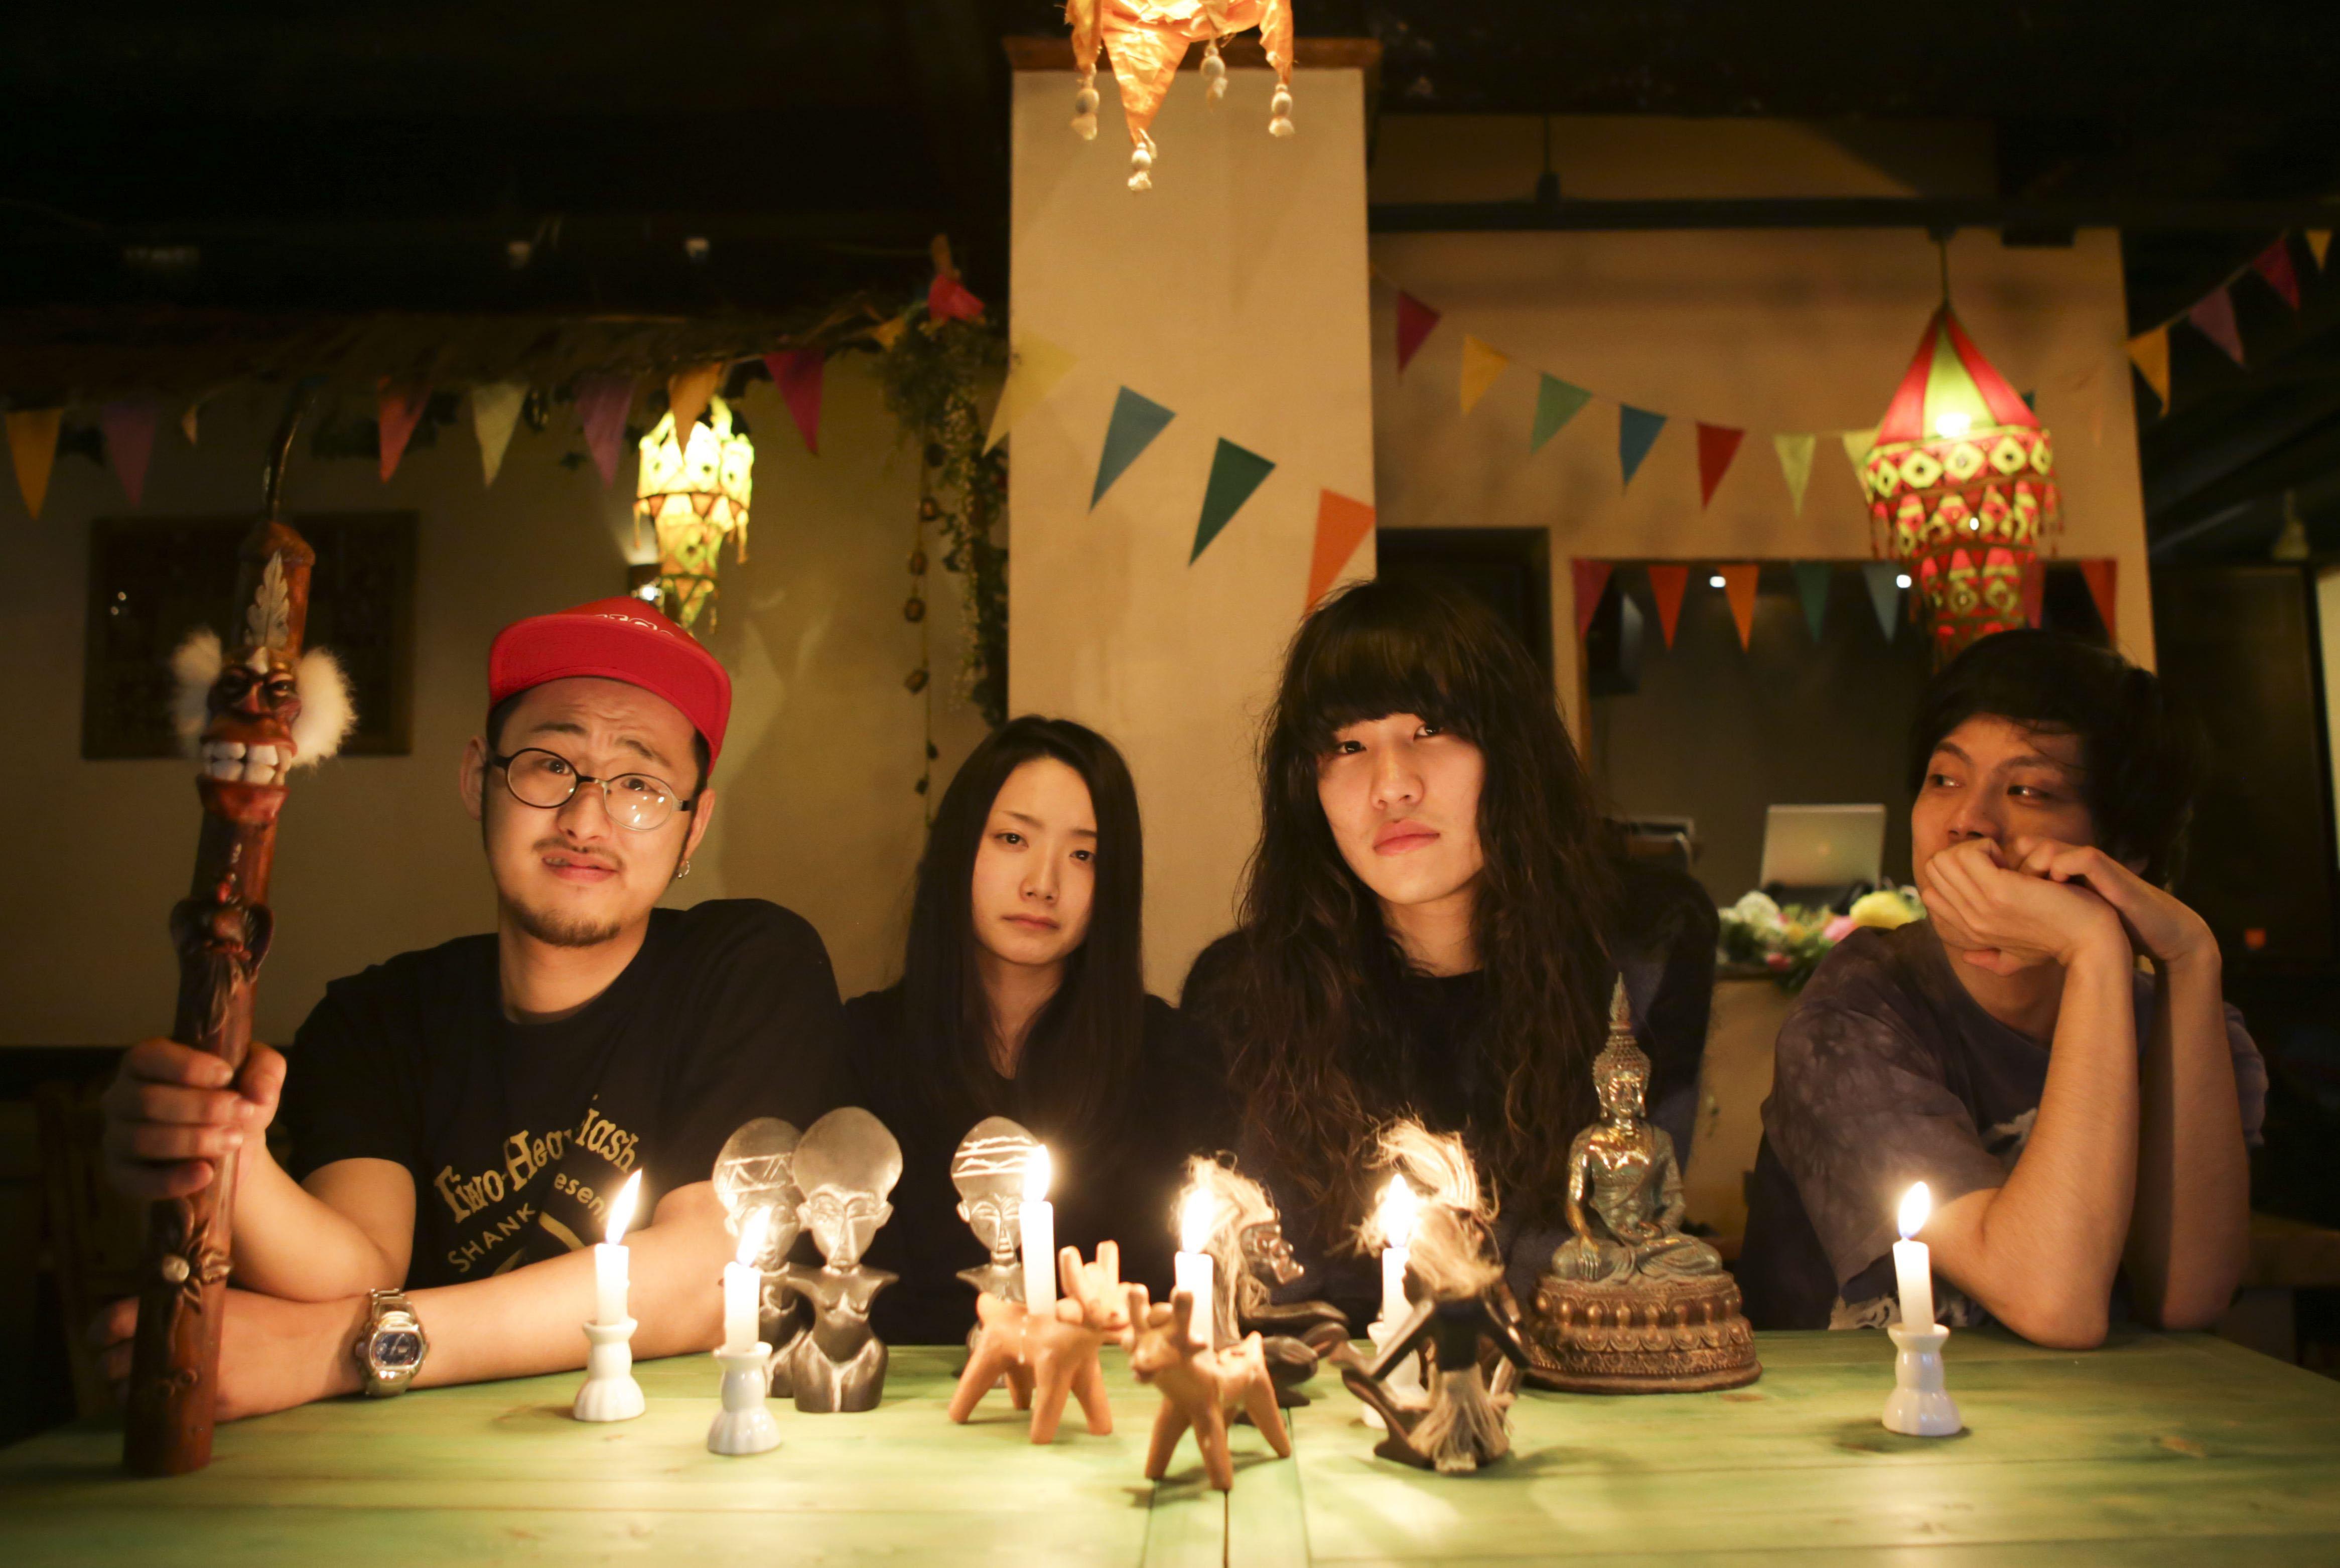 L→R クロダマサヒロ(Dr&Cho)、ミカテラ(Key&Vo)、チヨチヨイヤマ(Ba&Cho)、タナカユーキ(Vo&Gu)